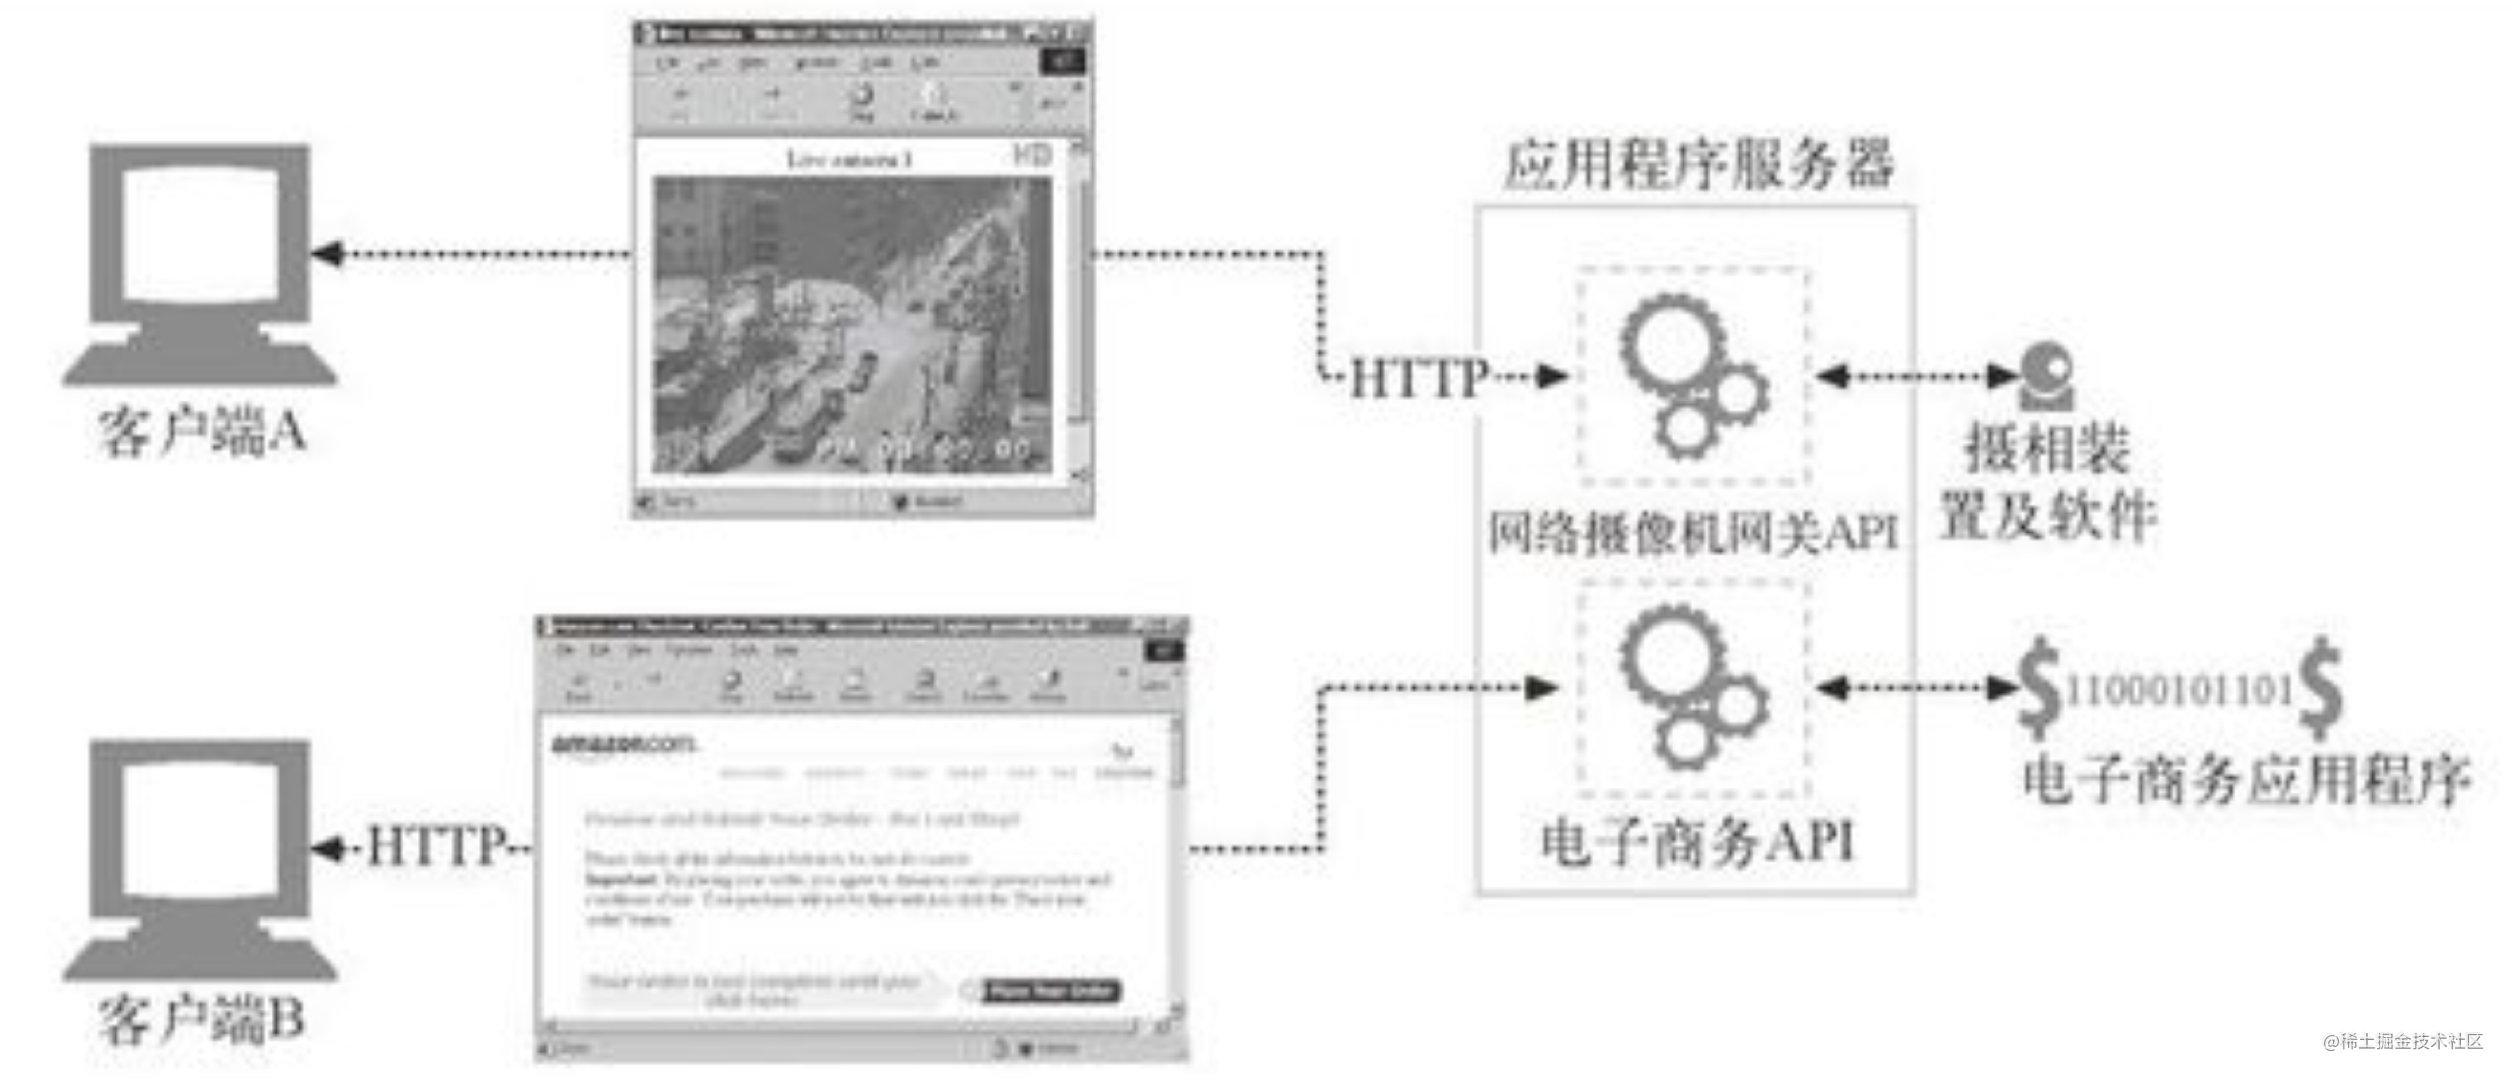 应用程序服务器可以将HTTP客户端连接任意后台应用程序